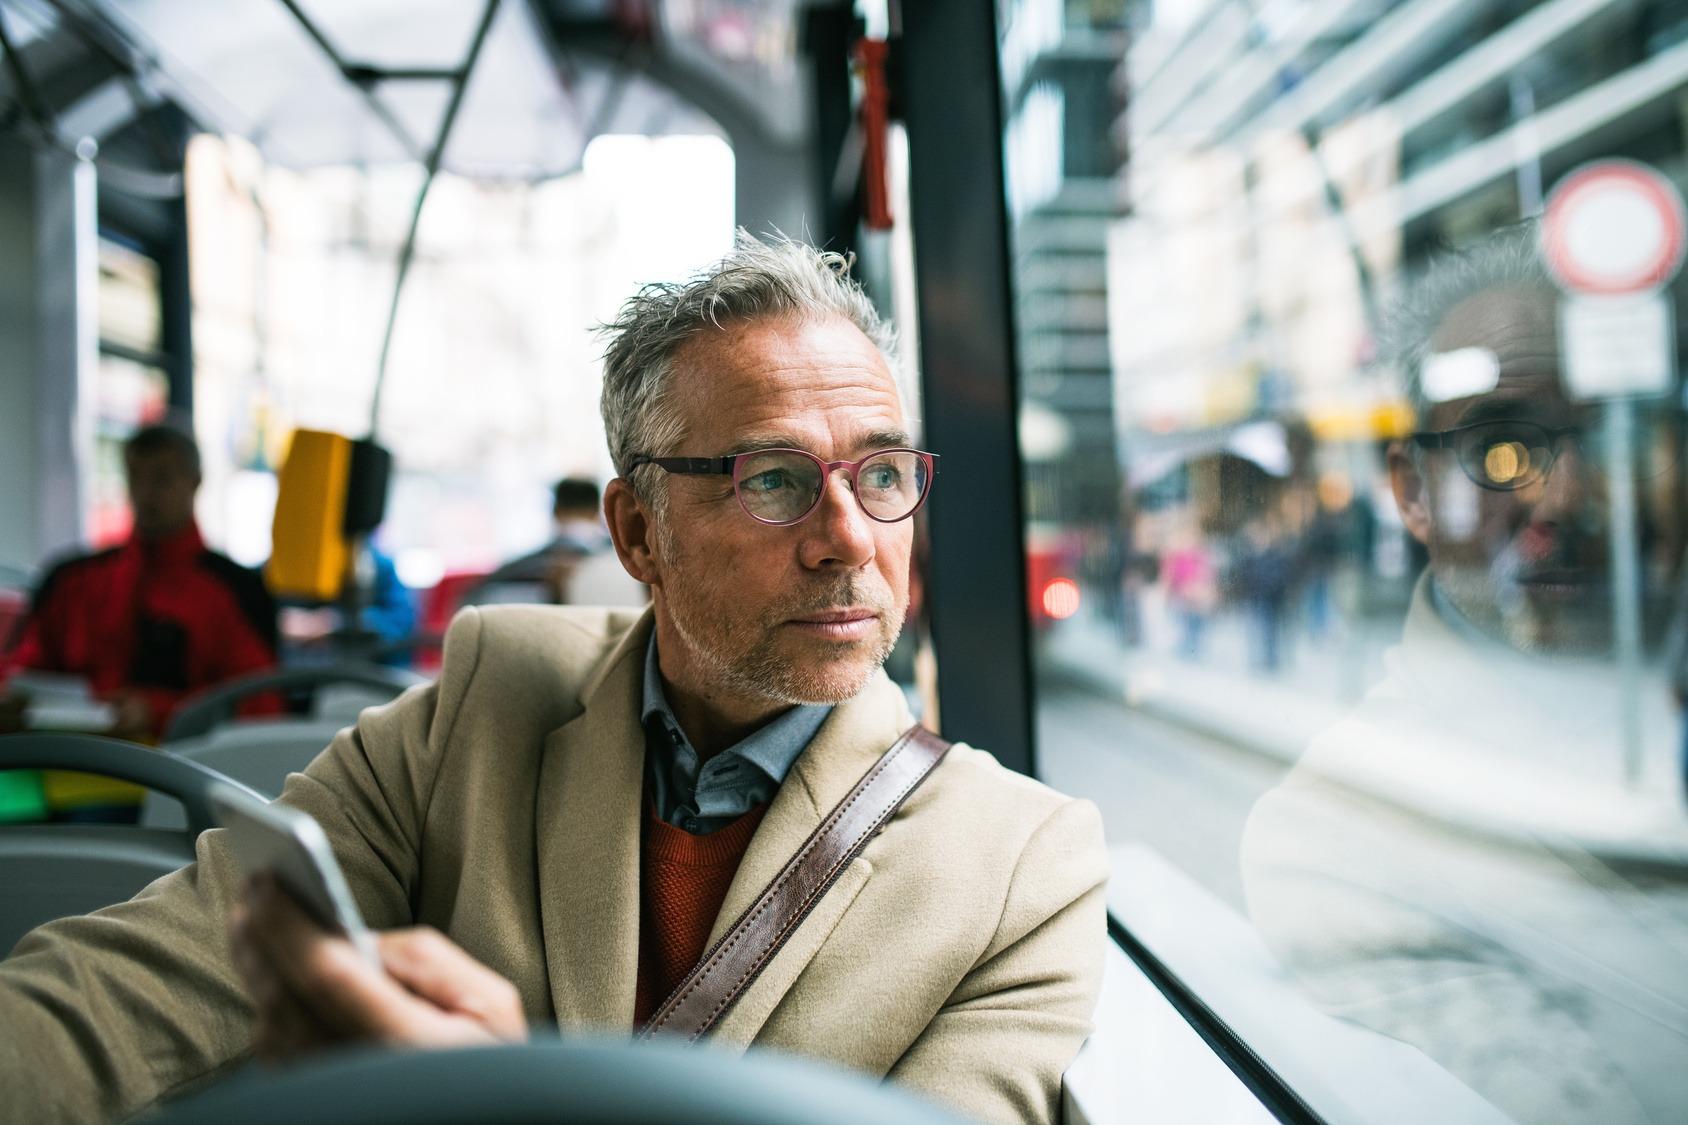 Ein Geschäftsmann sitzt im Elektrobus und meldet gerade eine Beschädigung der Straße über eine spezielle App, an die Stadtverwaltung.